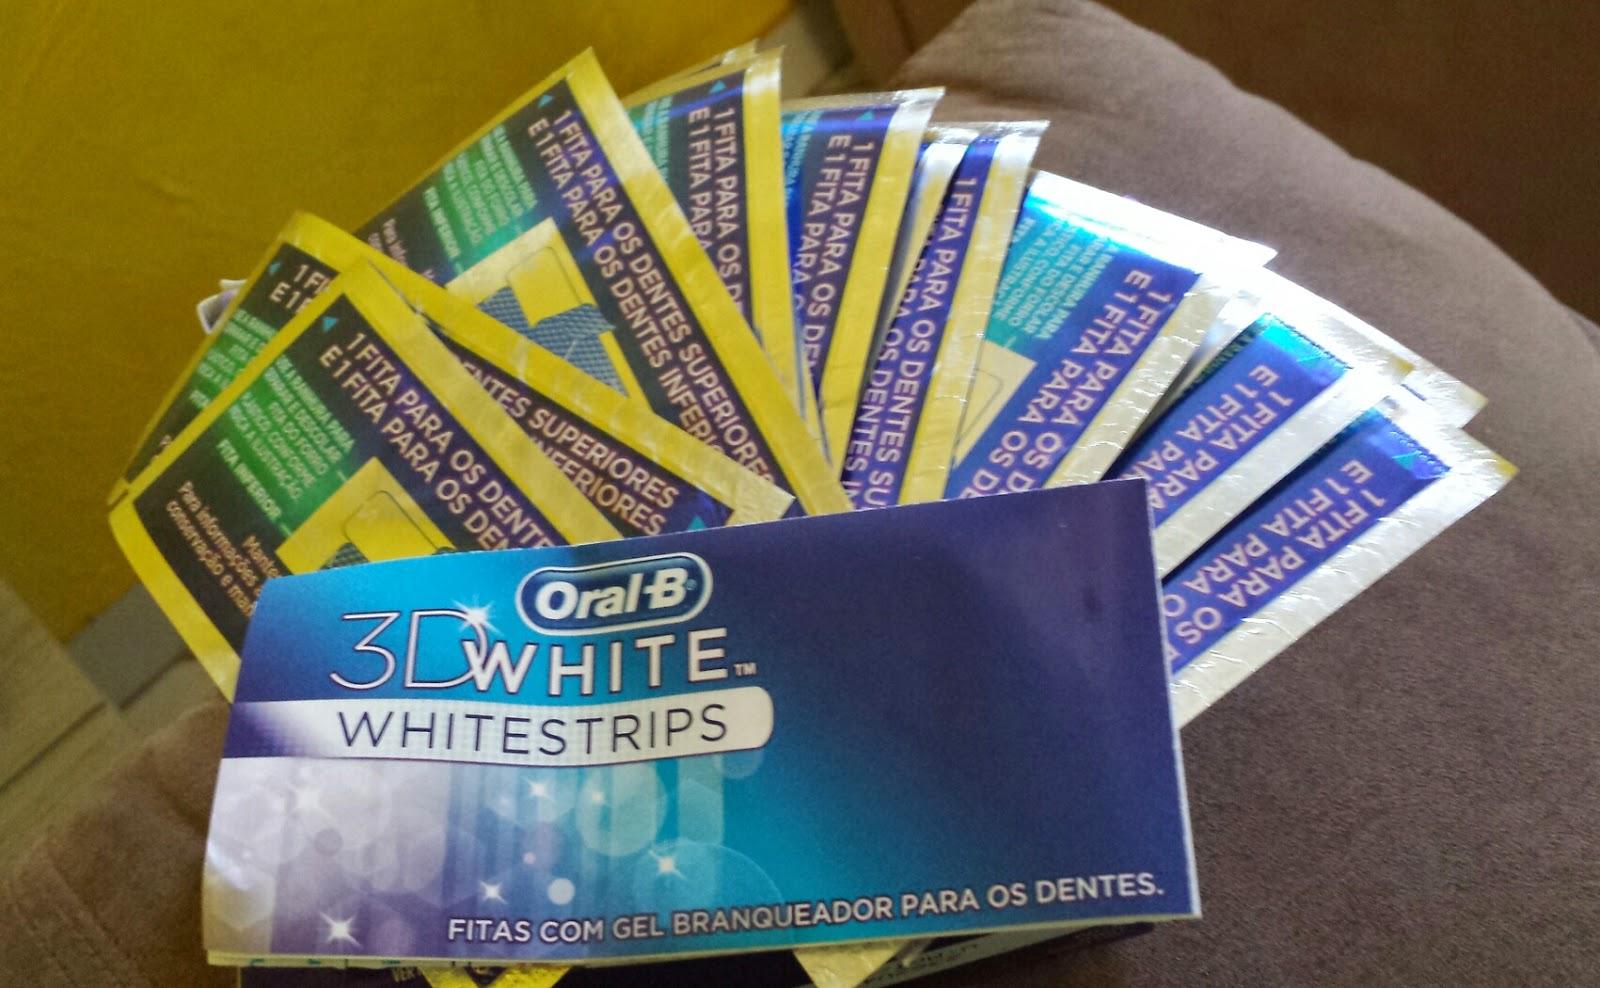 Rhayannyevely Testei E Aprovei 3d White Whitestrips Oral B